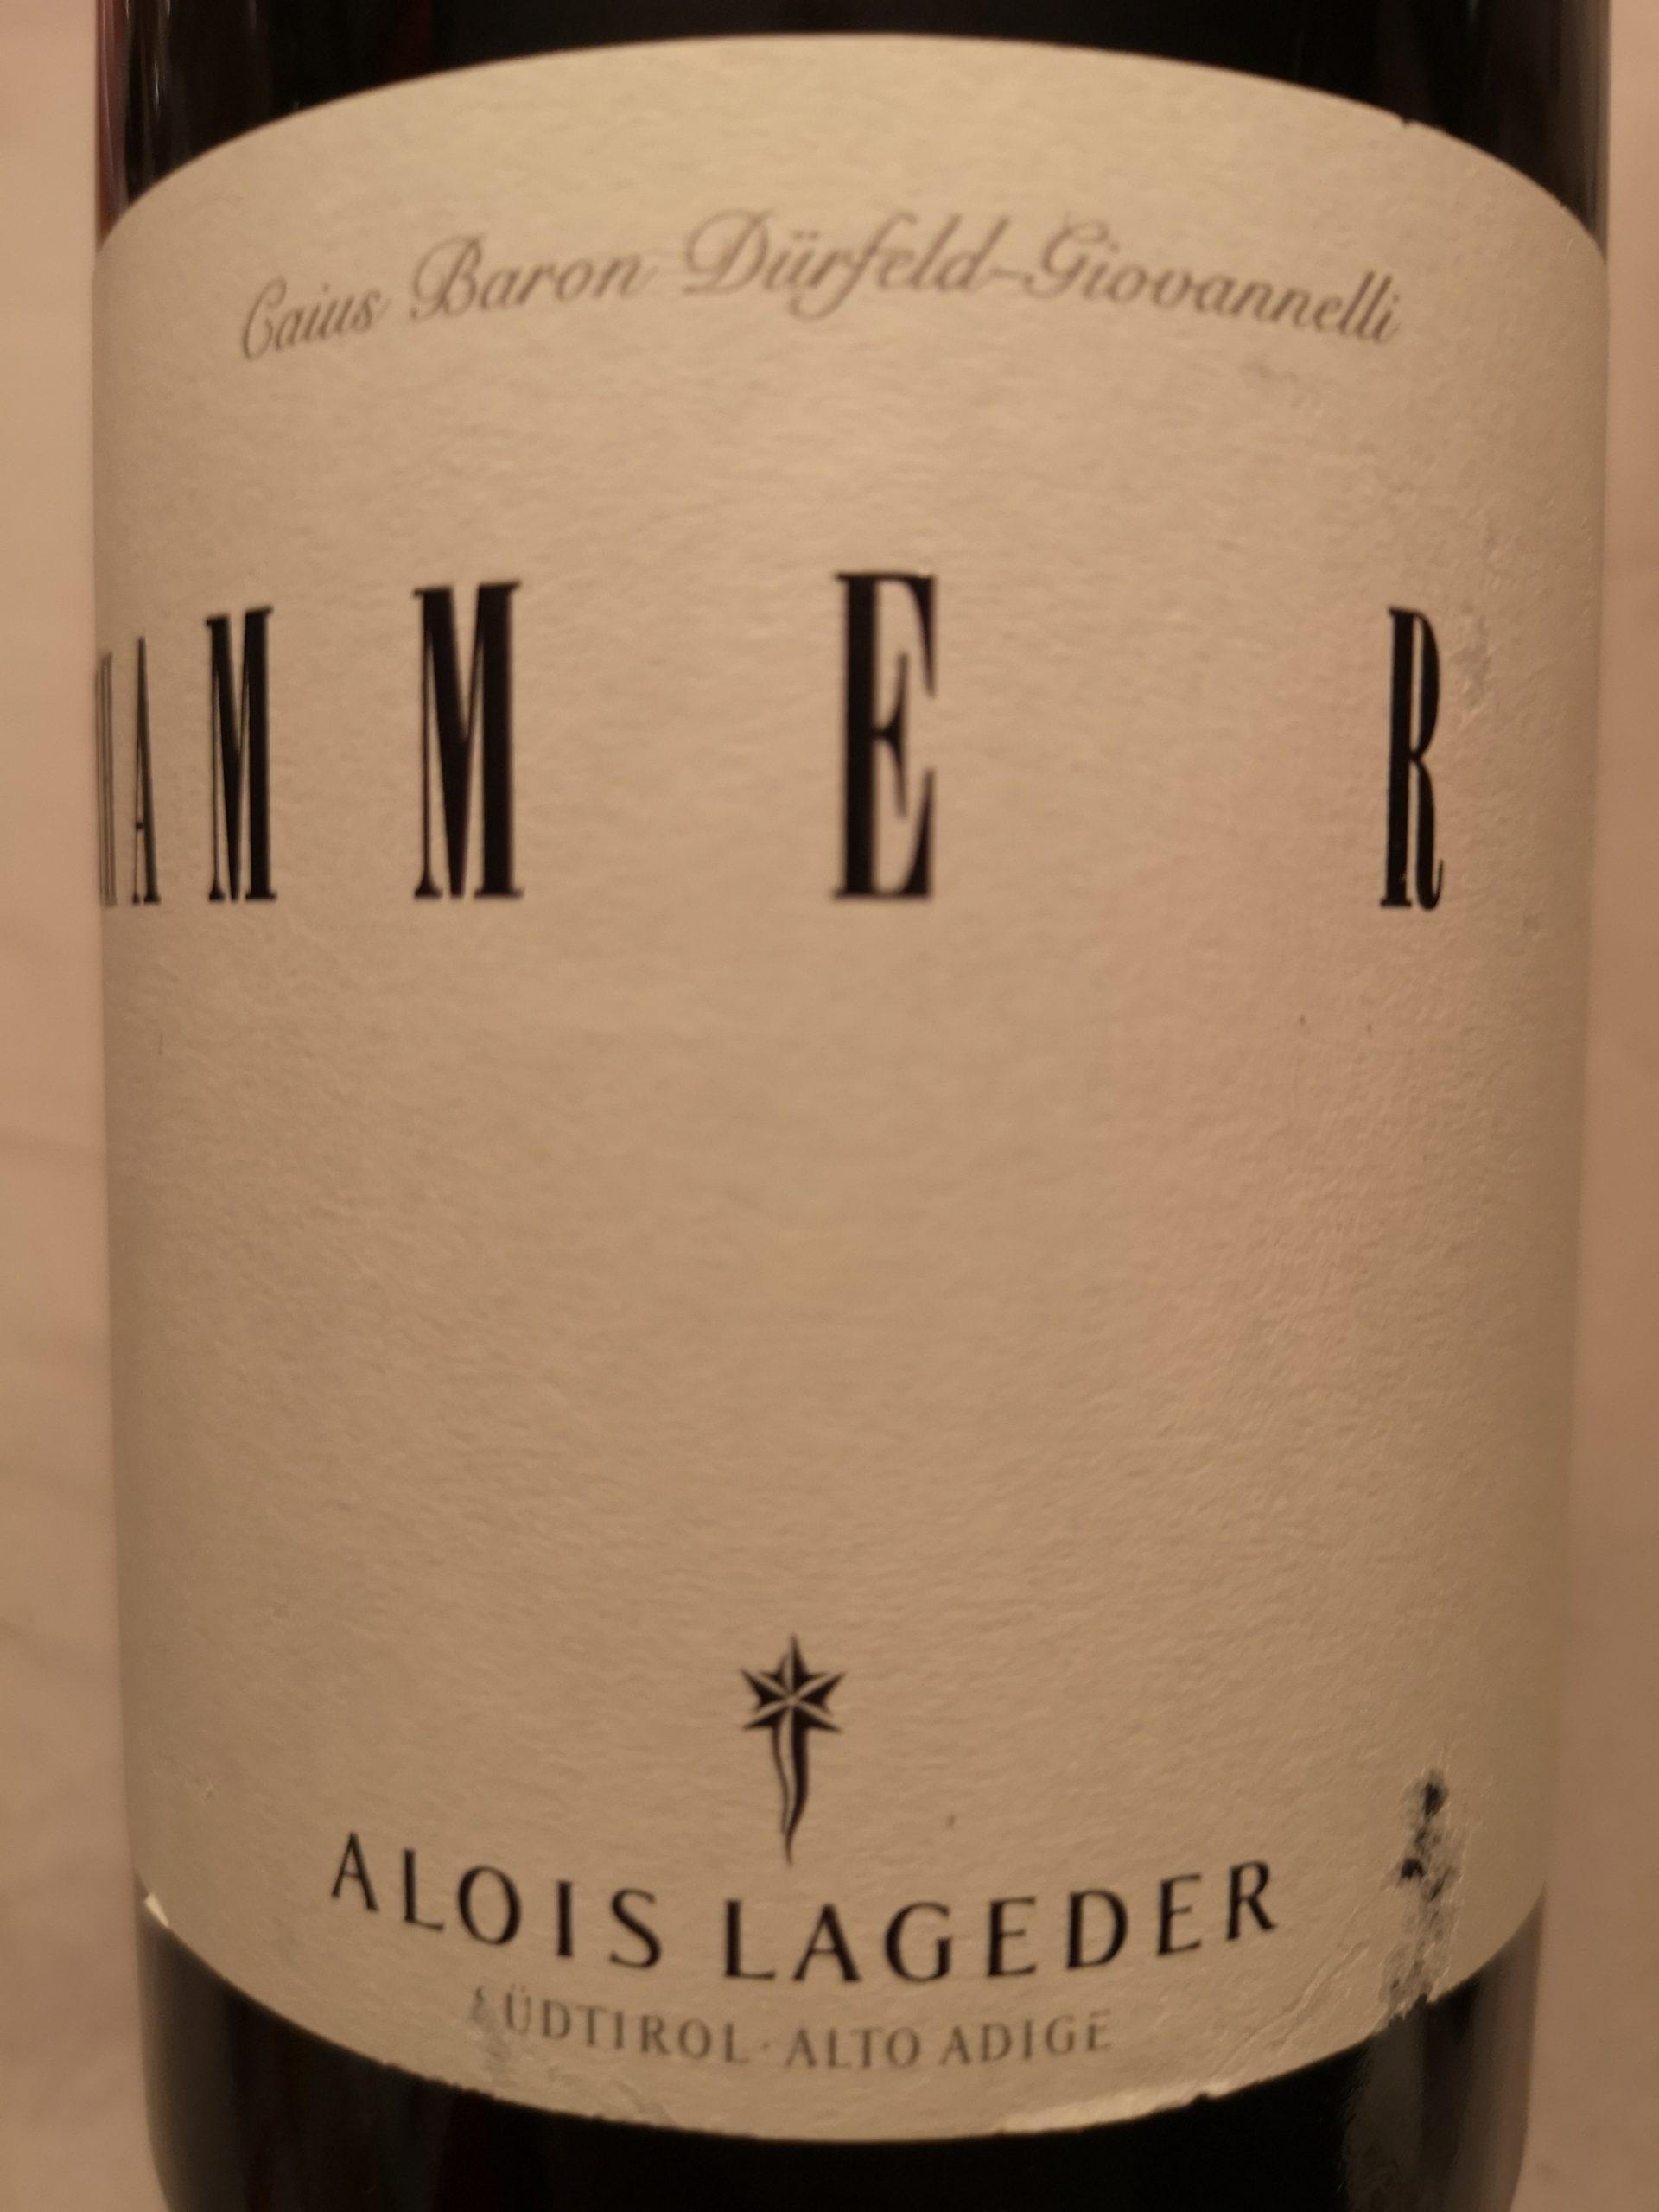 2010 Tannhammer | Lageder